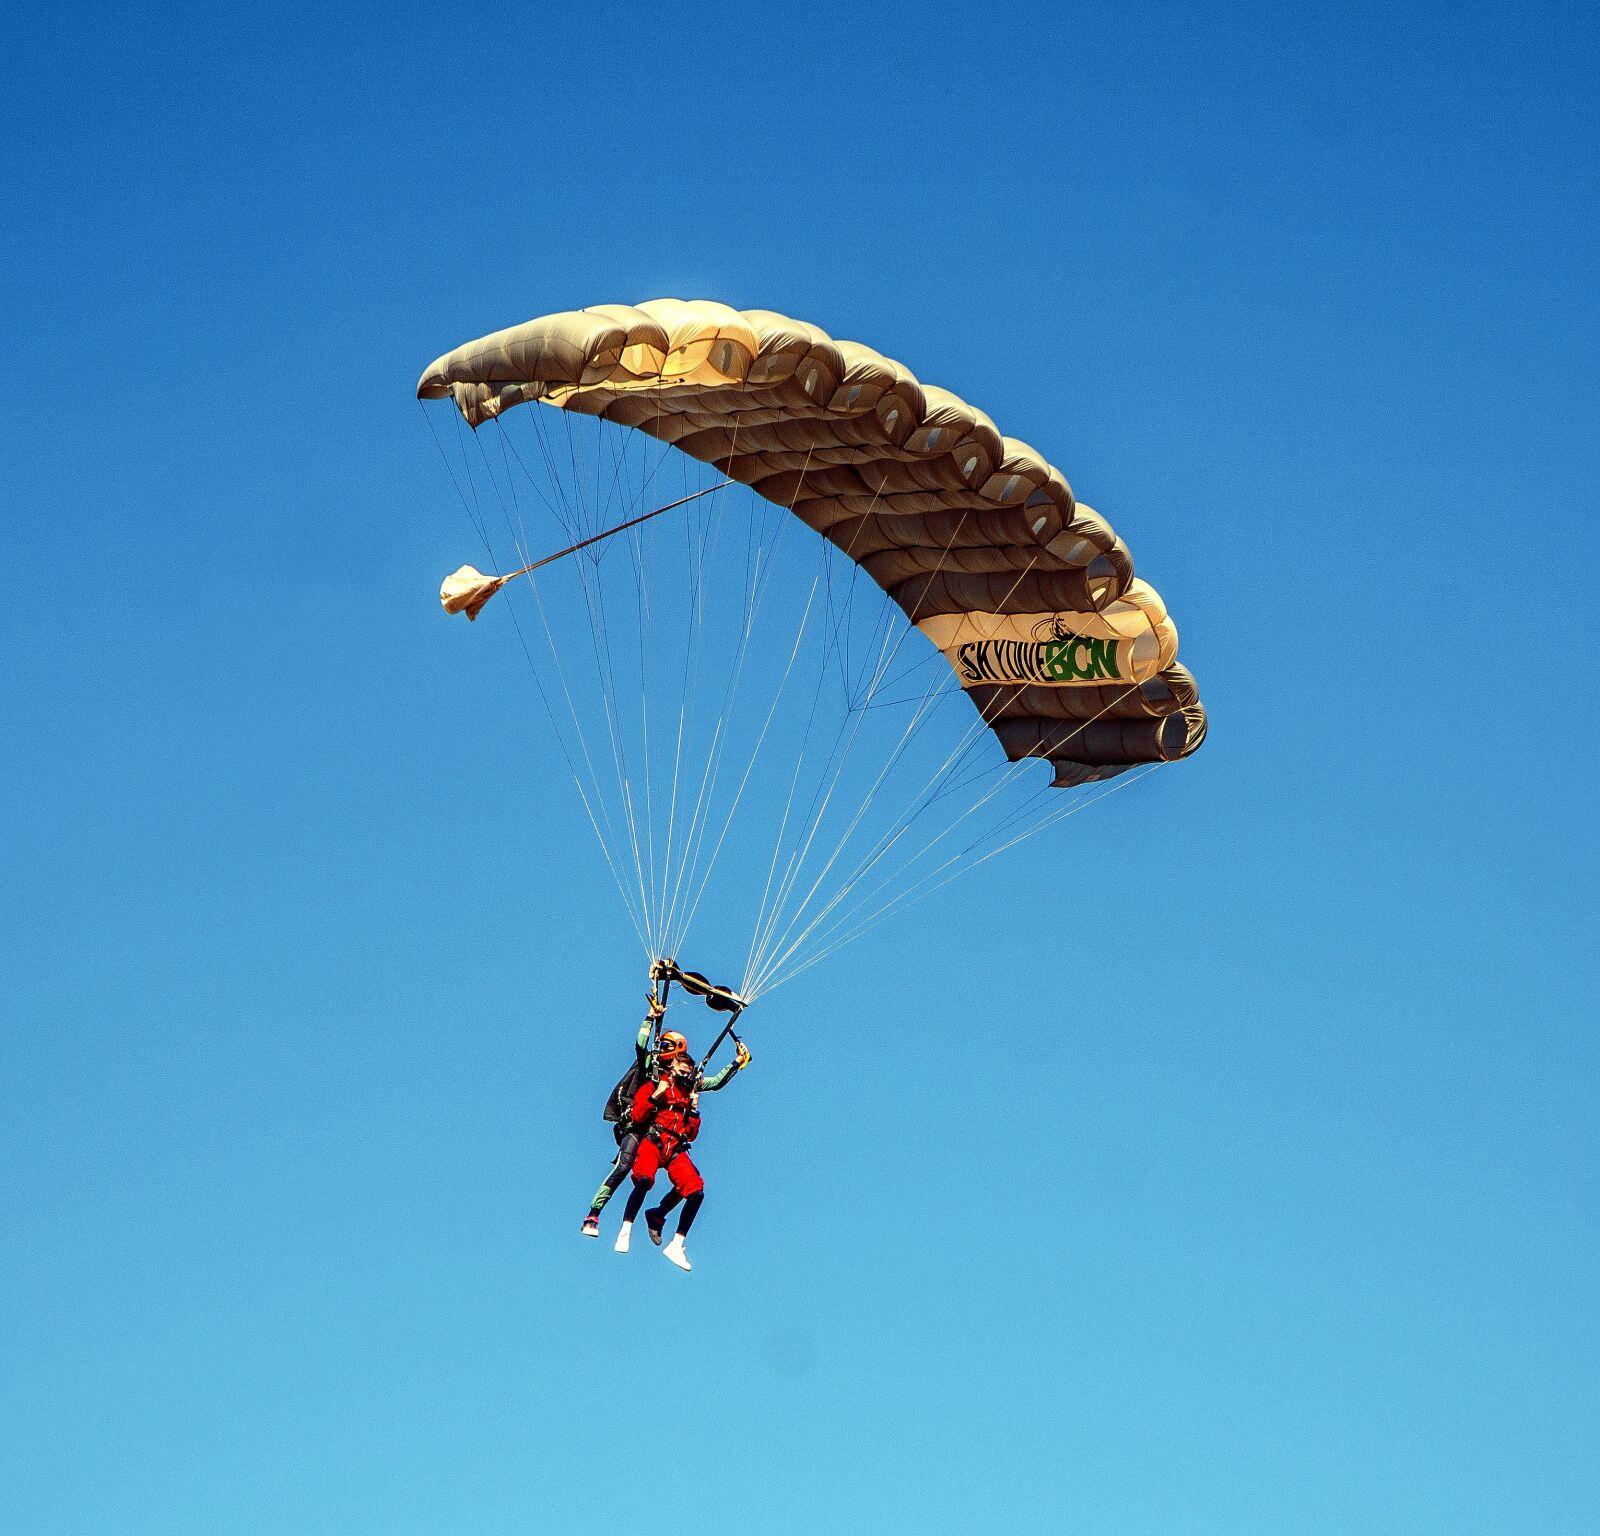 """Sony a6000 sample photo. """"Parachute, jump, sky"""" photography"""